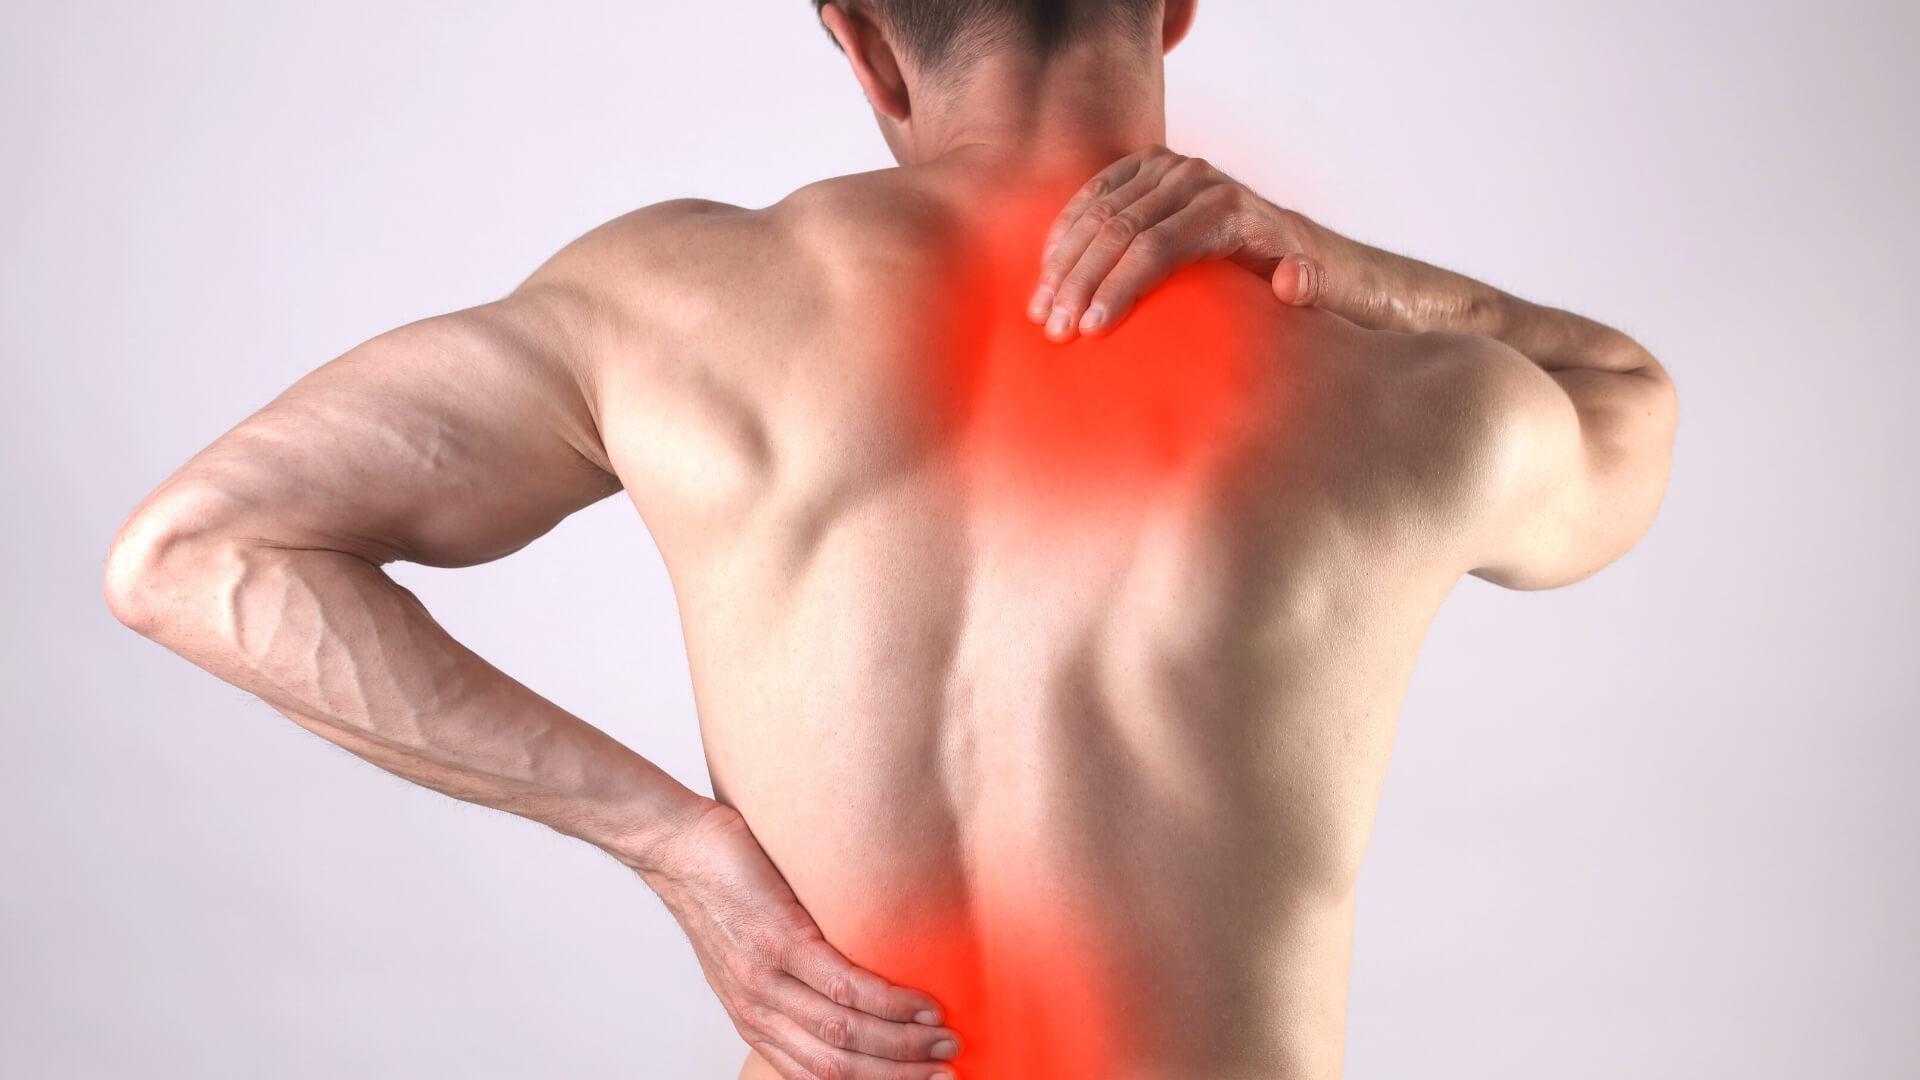 mejor-crema-para-aliviar-el-dolor-muscular